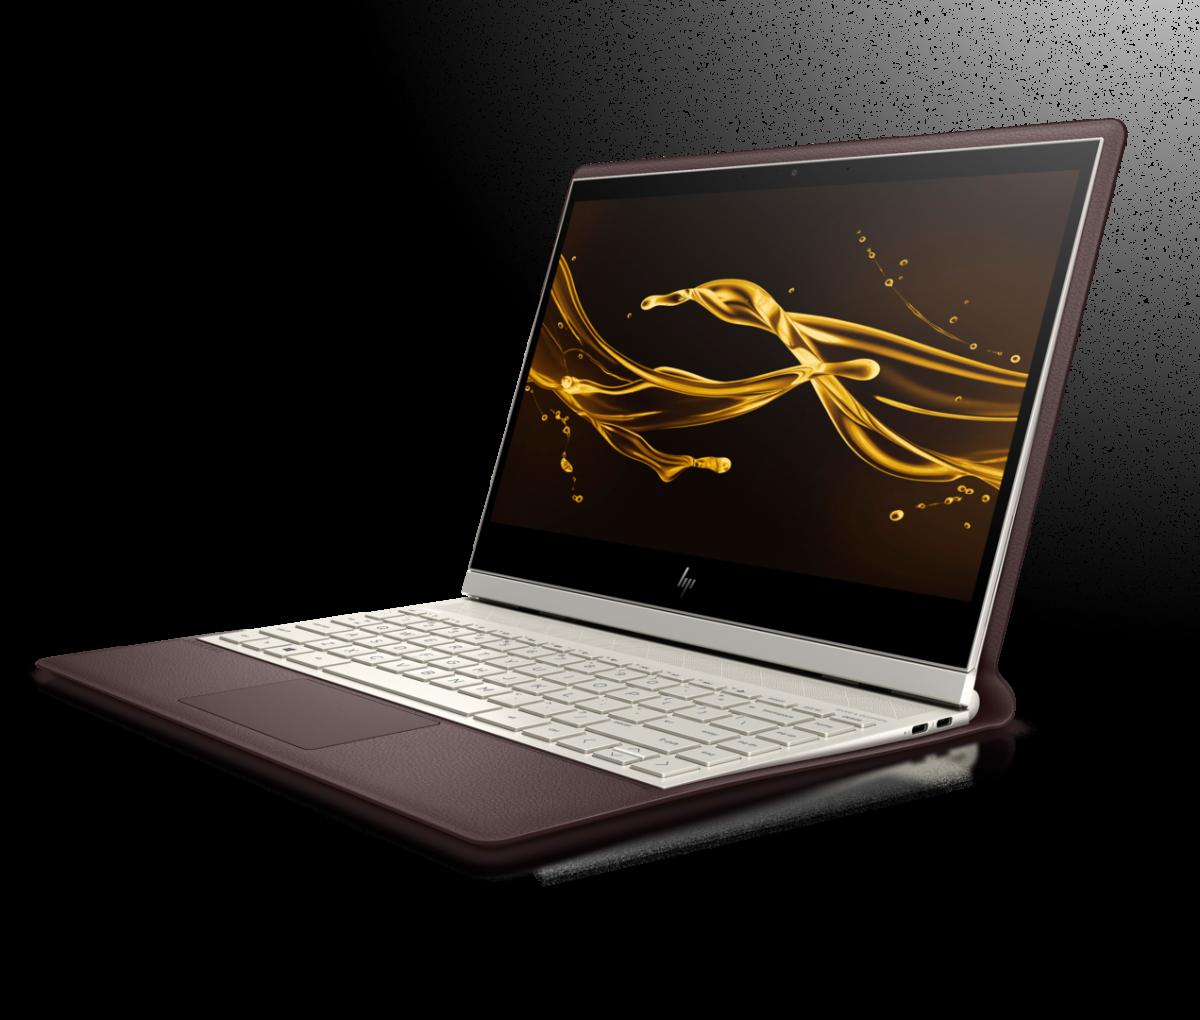 Объявлена российская цена кожаного премиального планшета-трансформера HP Spectre Folio